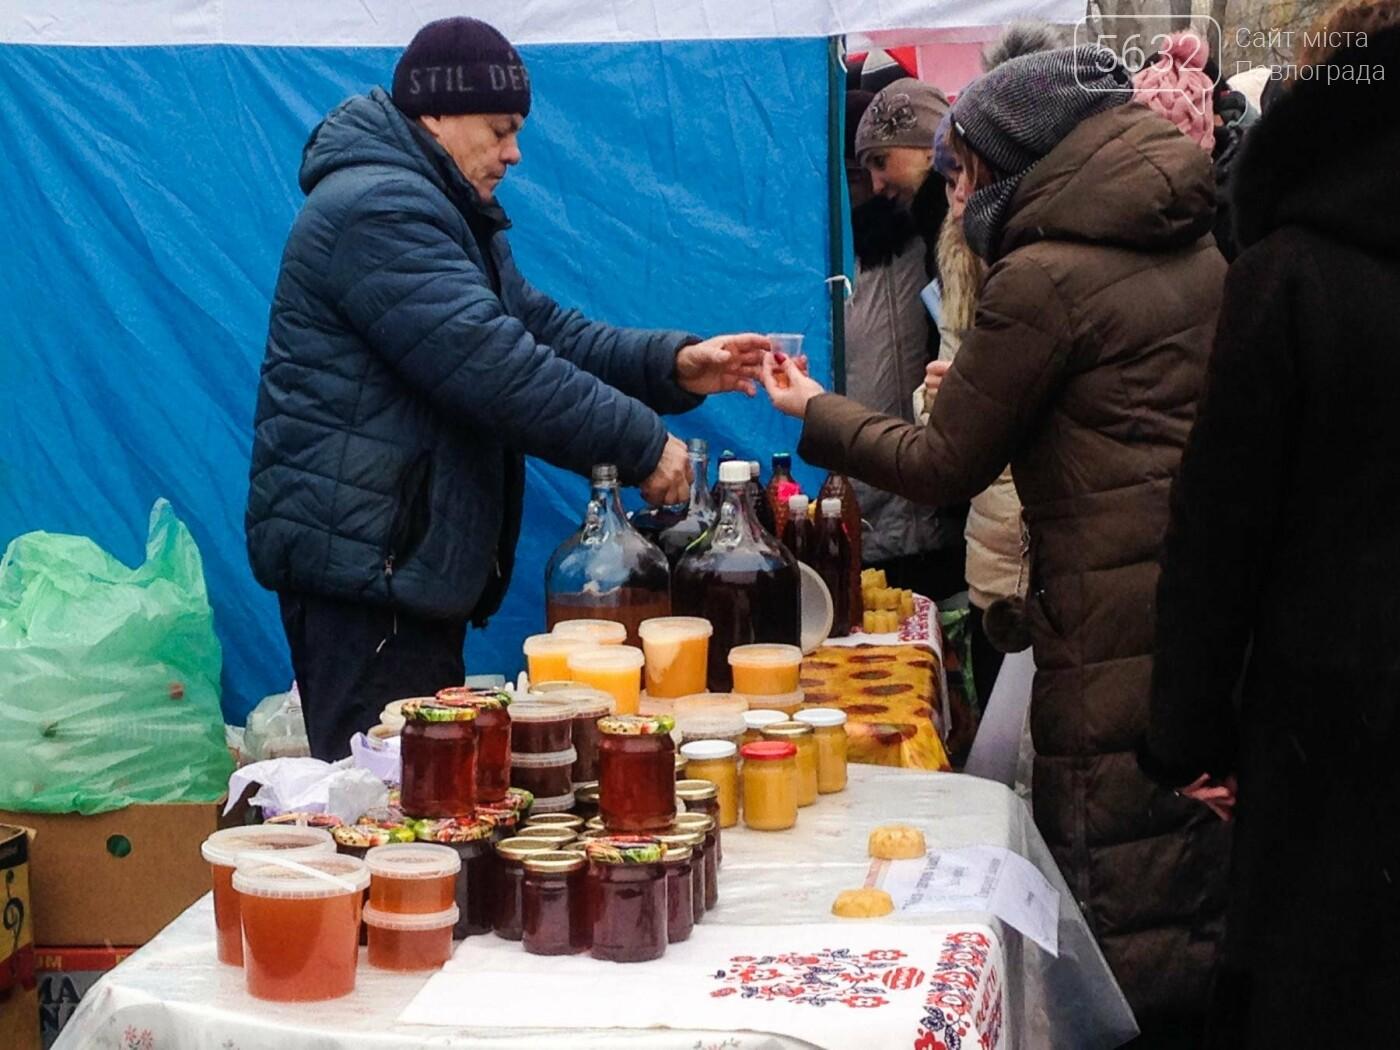 Павлоградцы устроили на Масленицу настоящие народные гулянья, фото-1